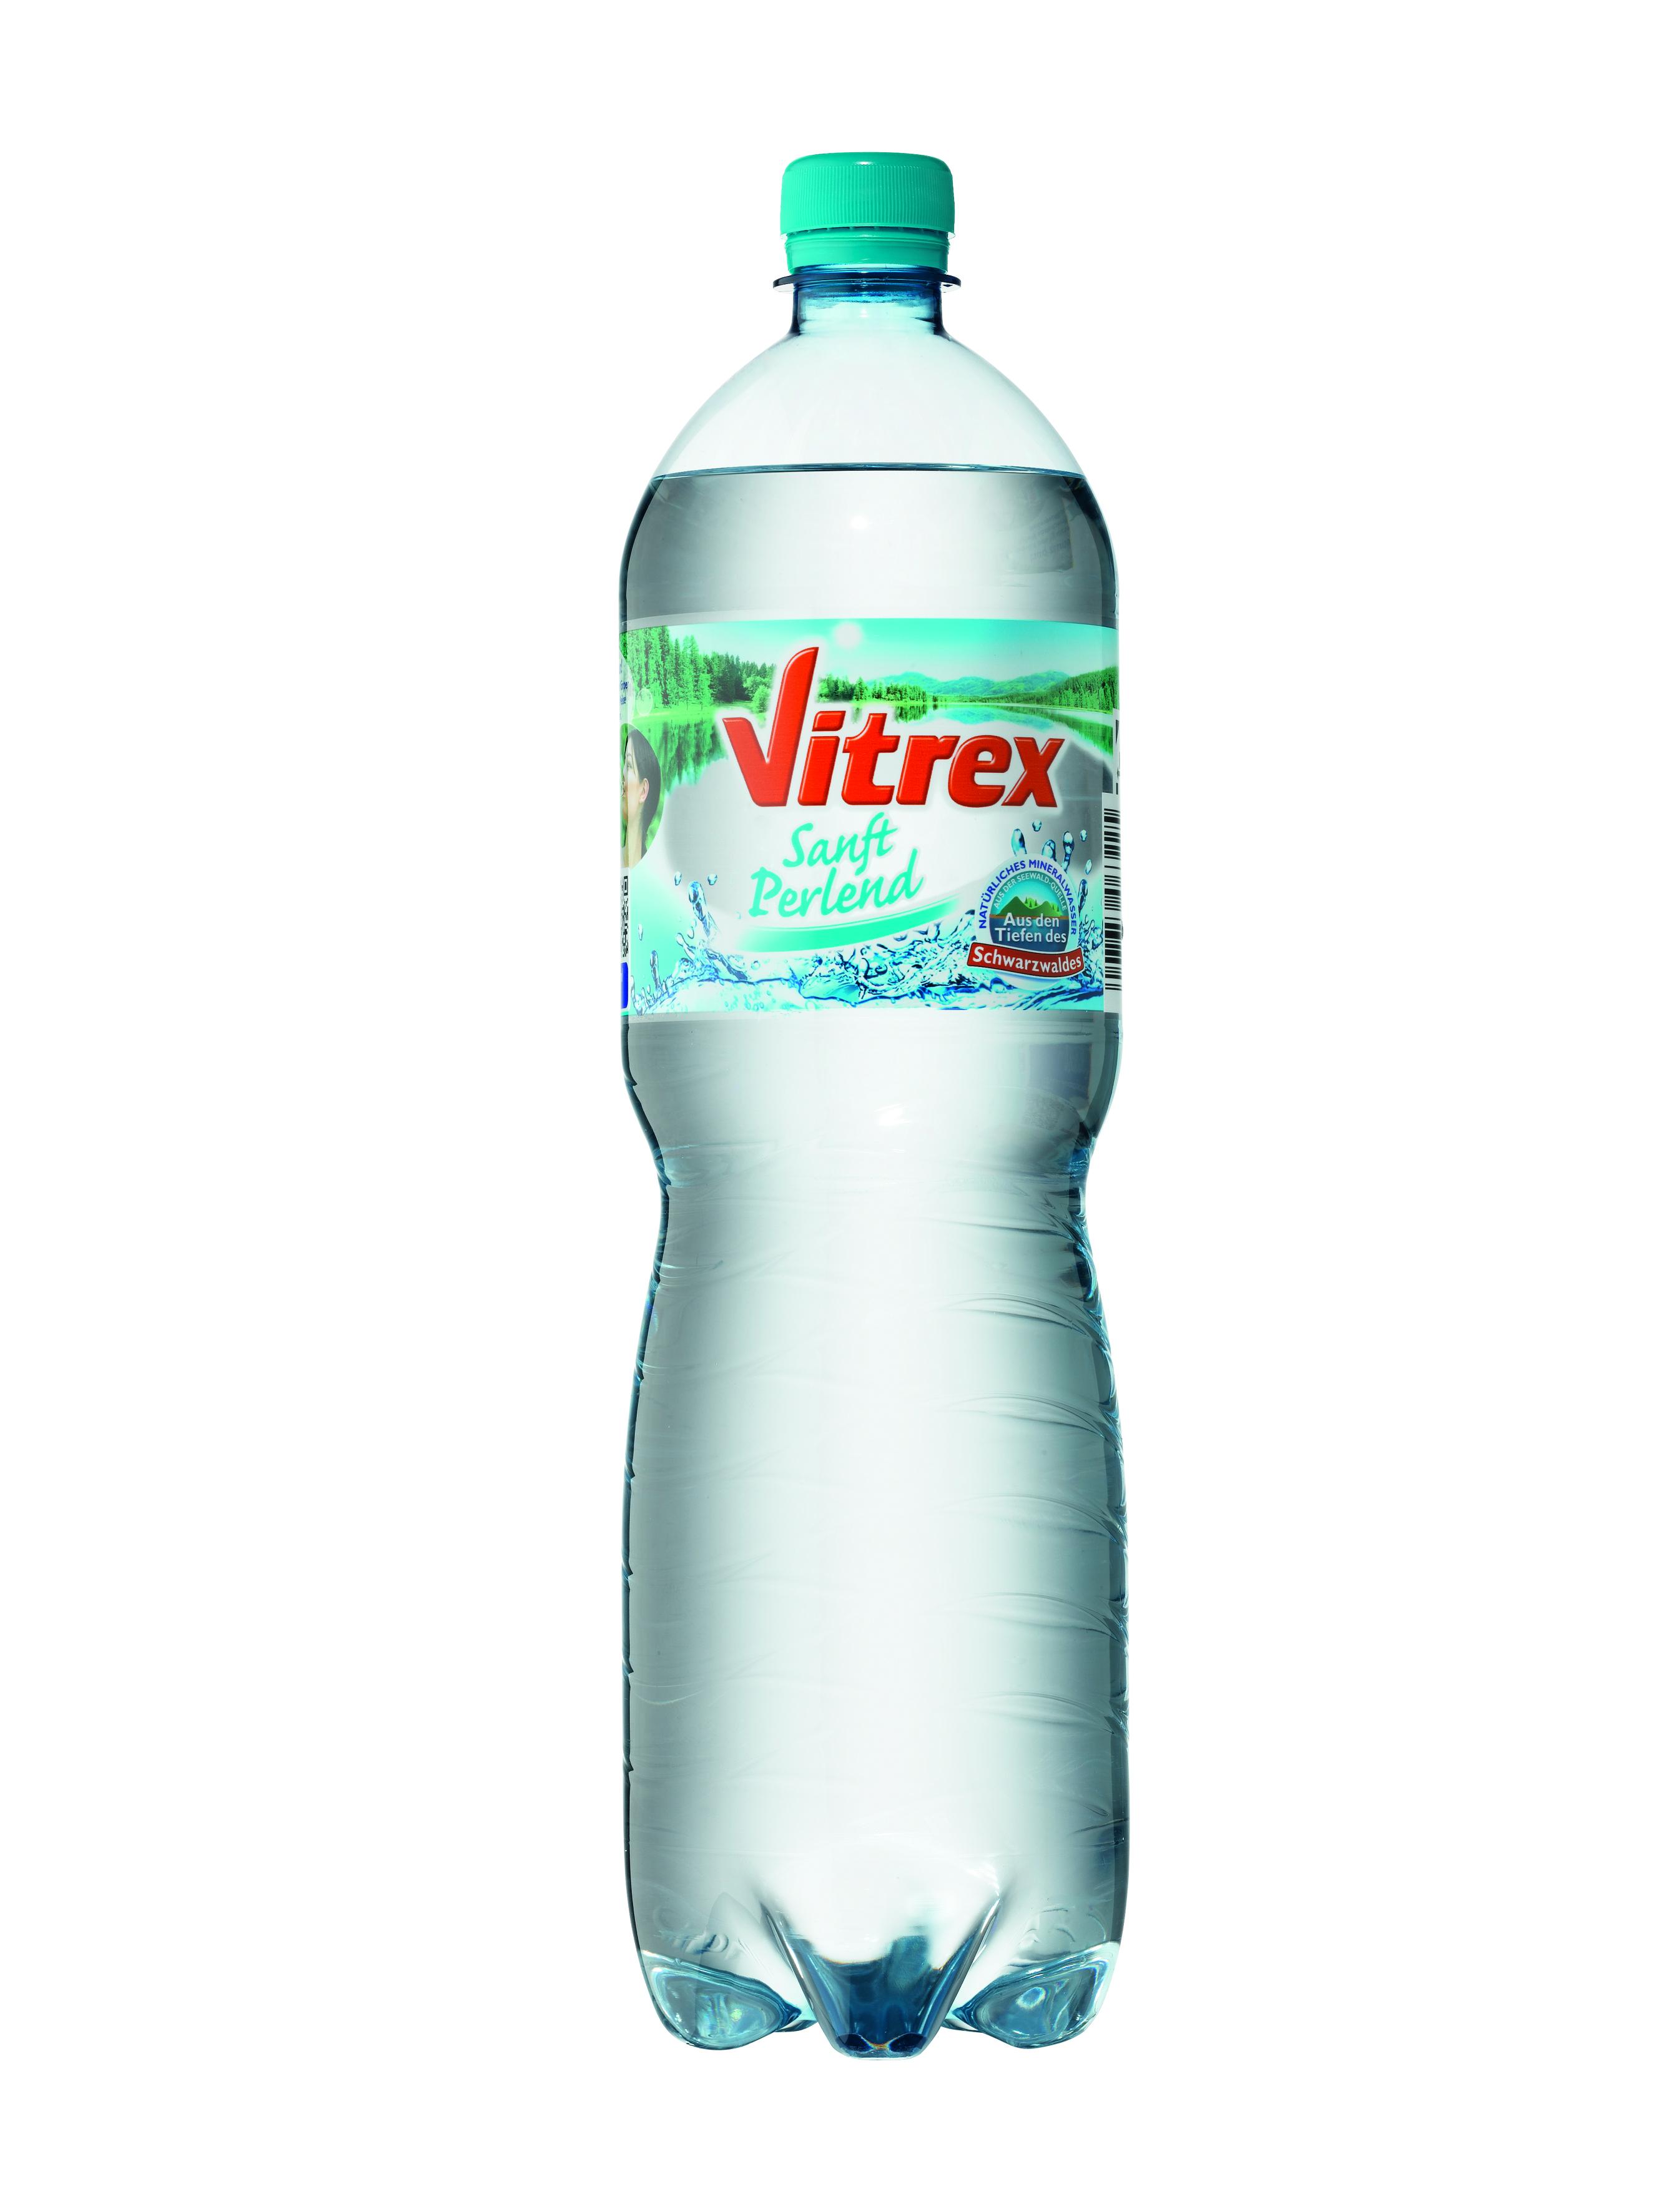 Vitrex Sanft Perlend 1,5l (1,5 Liter) Schwarzwald-Sprudel GmbH ...